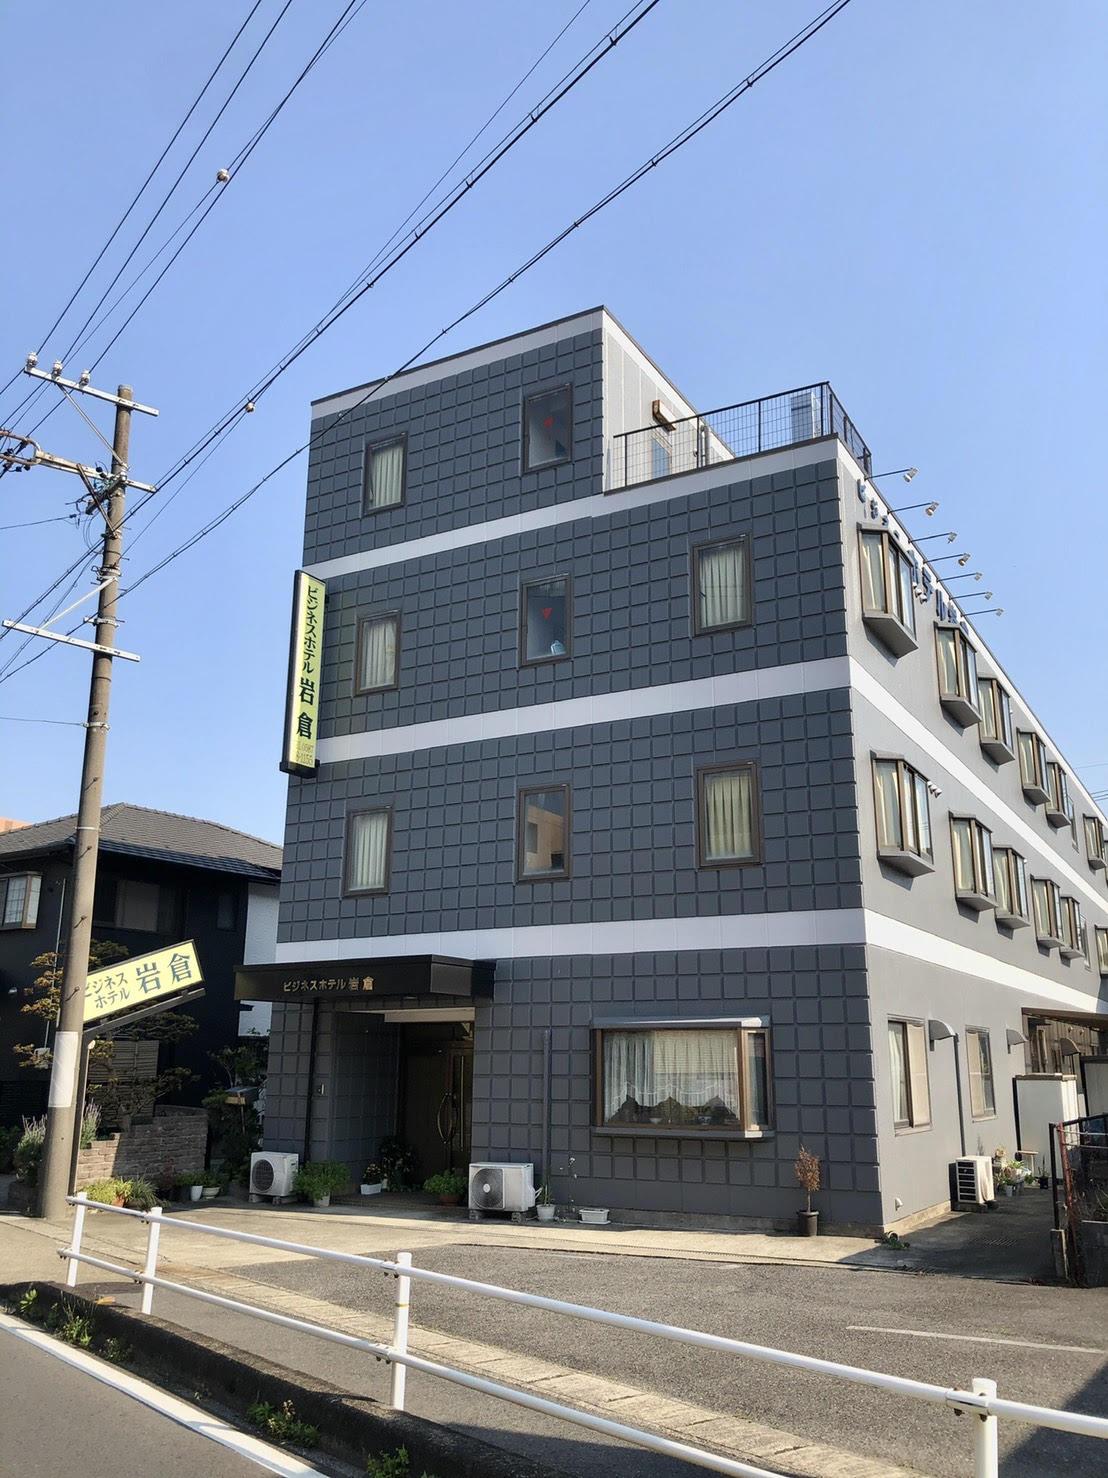 ビジネスホテル 岩倉◆楽天トラベル